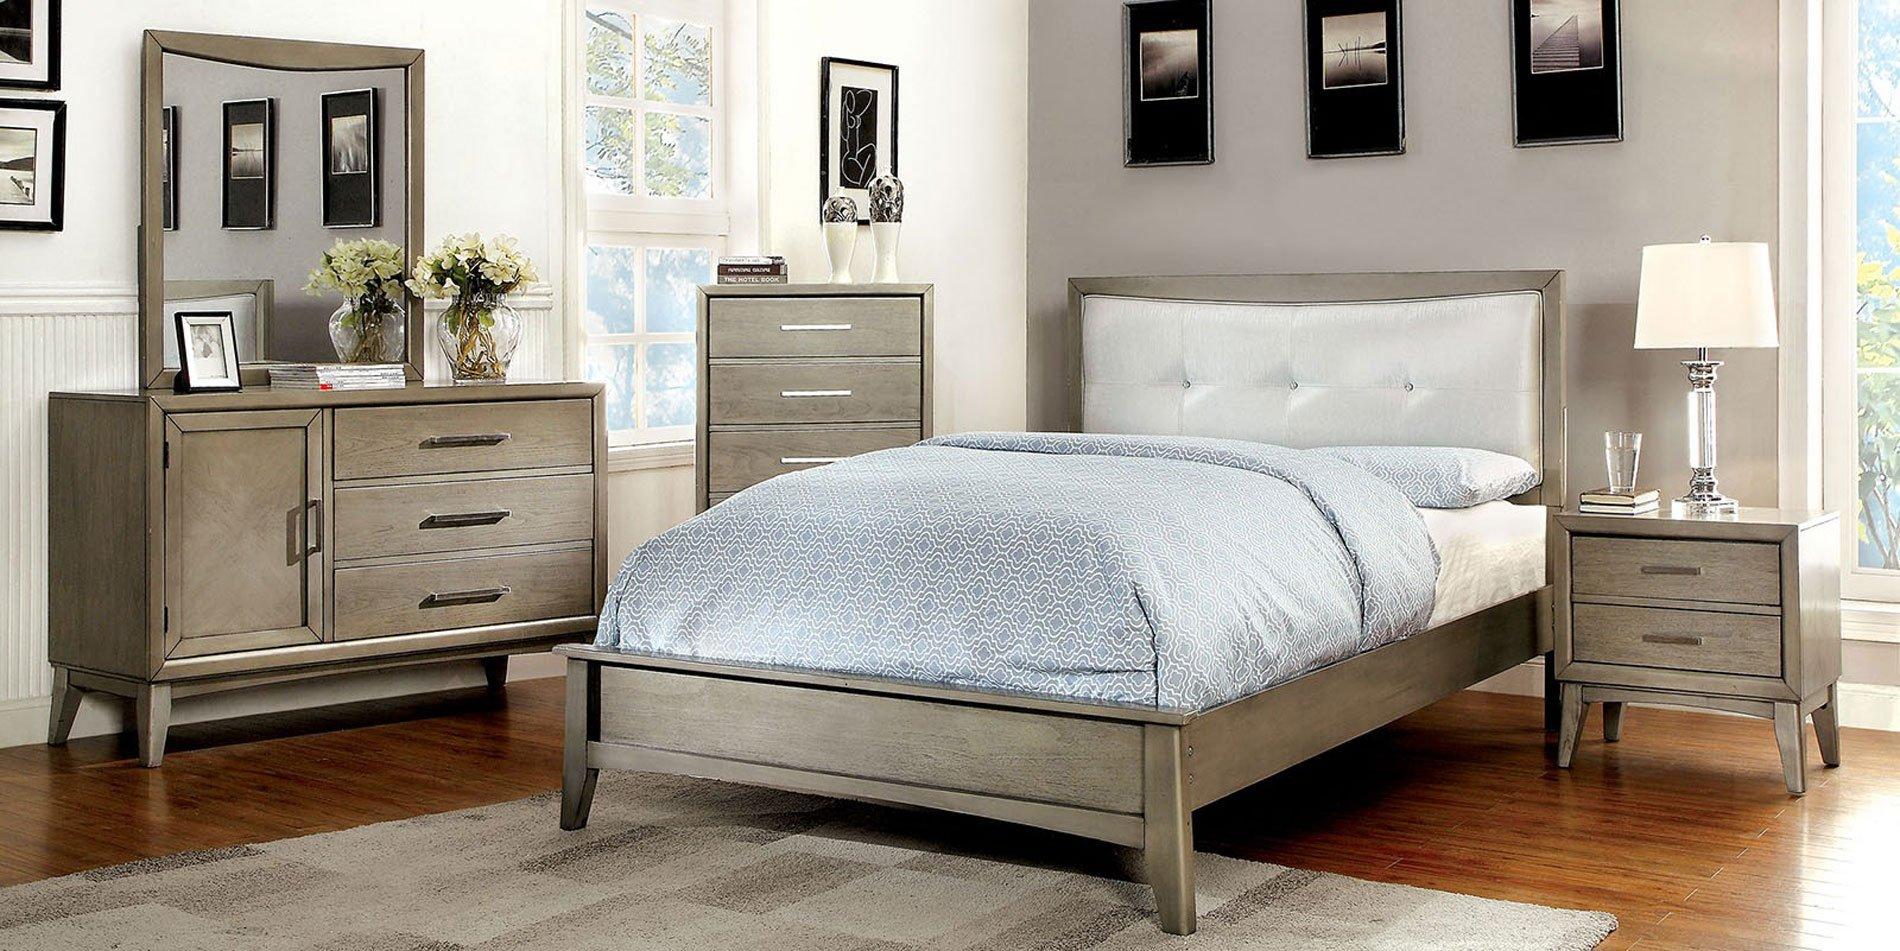 Snyder Platform Bedroom Set (Gray) Furniture Of America